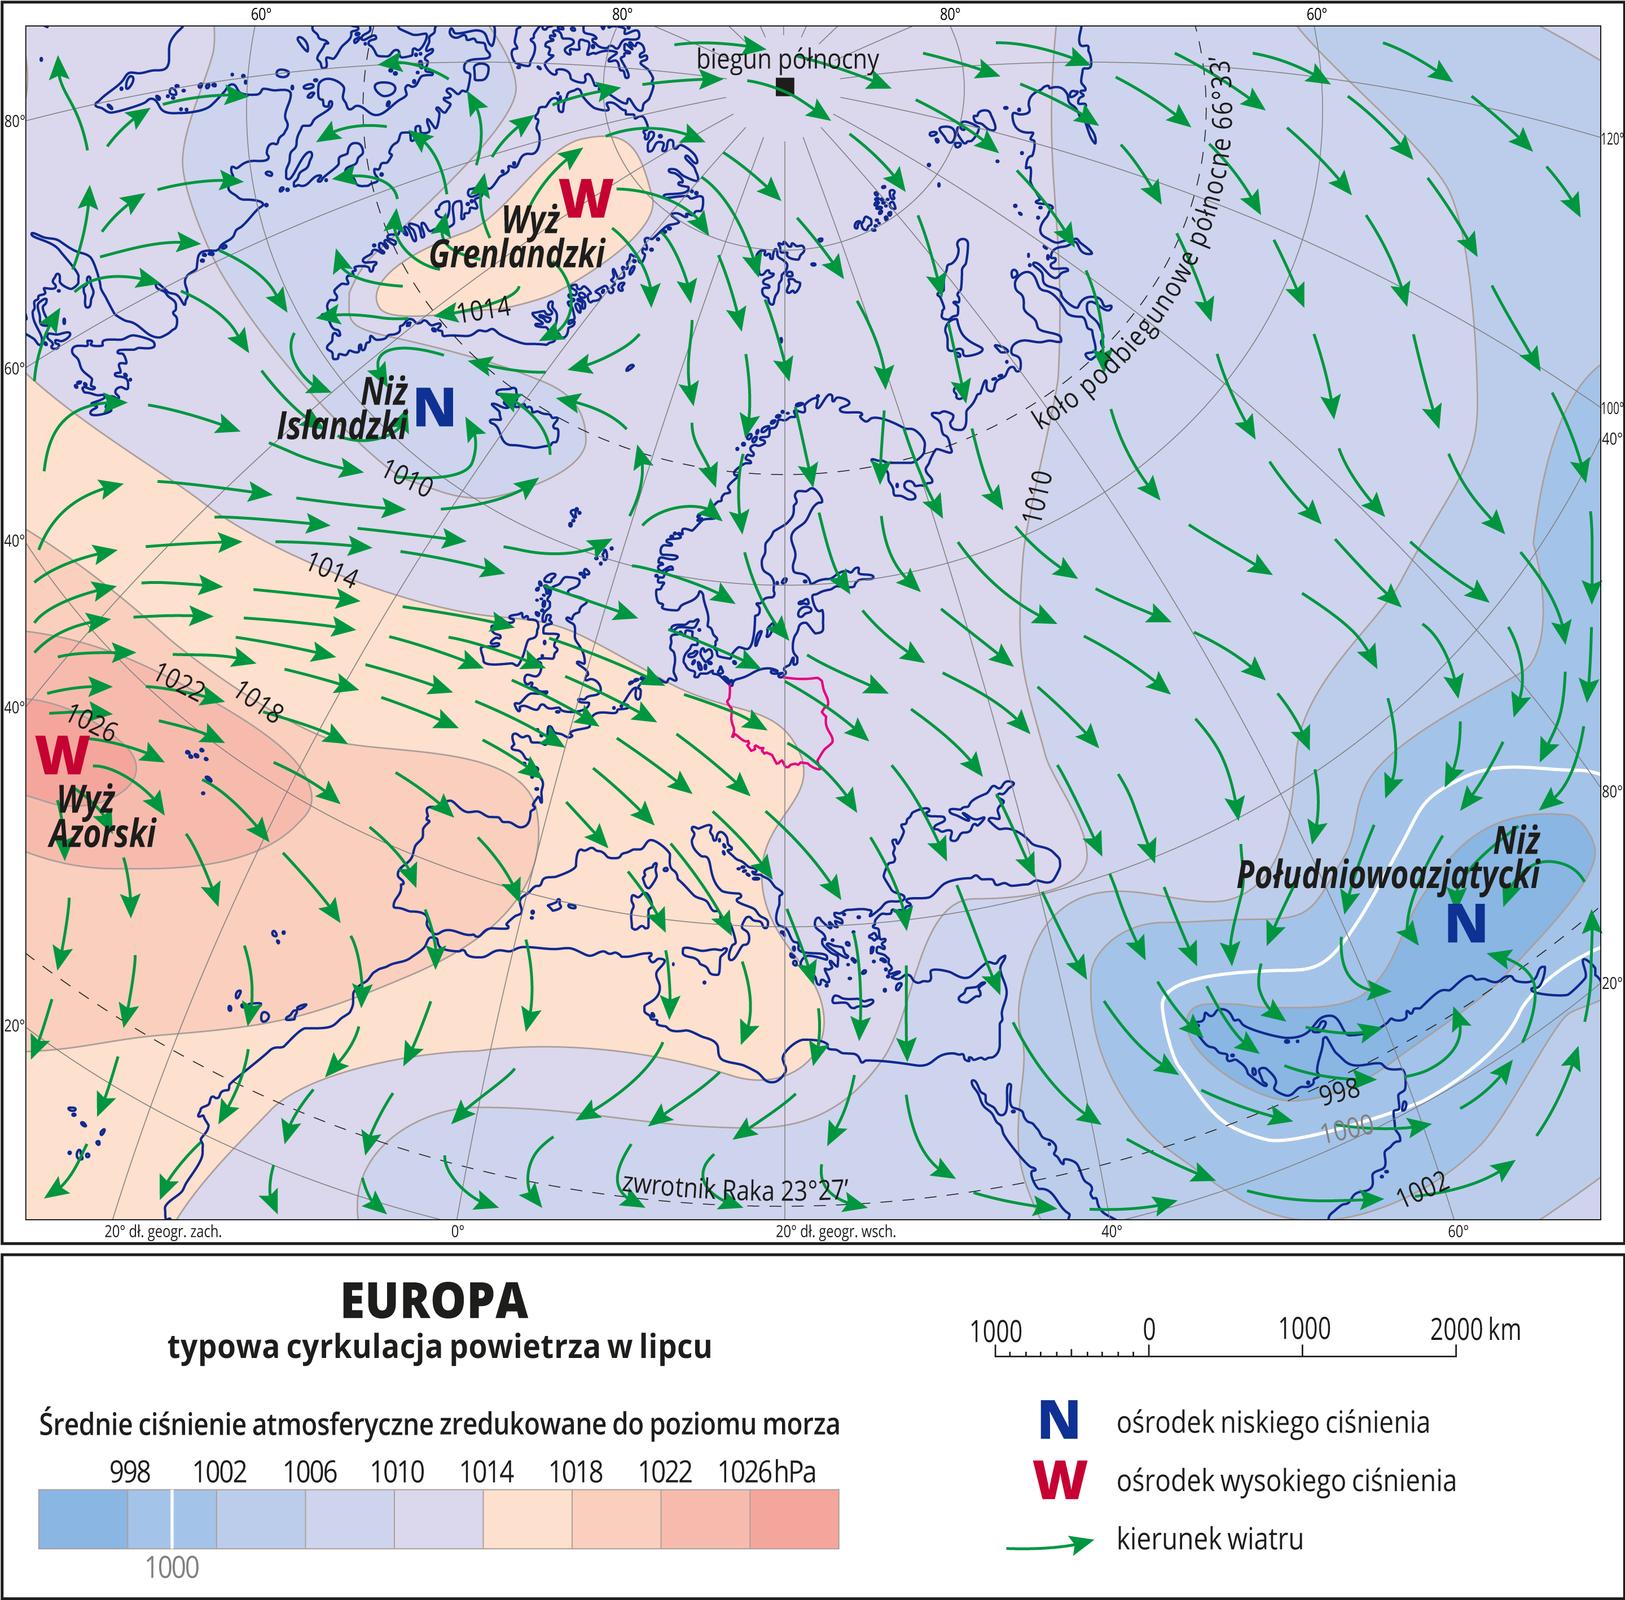 Ilustracja przedstawia mapę Europy iobrazuje typową cyrkulację powietrza wlipcu. Na mapie kolorami zaznaczono wartości ciśnienia atmosferycznego zredukowane do poziomu morza. Odcienie koloru pomarańczowego oznaczają obszary owysokim ciśnieniu, odcienie koloru niebieskiego oznaczają obszary oniskim ciśnieniu. Czerwonymi literami Wopisano ośrodki wysokiego ciśnienia (Wyż Grenlandzki, Wyż Azorski), niebieskimi literami Nopisano ośrodki niskiego ciśnienia (Niż Islandzki, Niż Południowoazjatycki). Zielonymi strzałkami oznaczono kierunki wiatru (od wyżu do niżu). Na mapie opisano izobary co cztery hektopaskale. Najniższa wartość wynosi dziewięćset dziewięćdziesiąt osiem hektopaskali, najwyższa wartość wynosi tysiąc dwadzieścia sześć hektopaskali. Mapa pokryta jest równoleżnikami ipołudnikami. Dookoła mapy wbiałej ramce opisano współrzędne geograficzne co dwadzieścia stopni. Na dole mapy wlegendzie opisano kolory iznaki użyte na mapie.